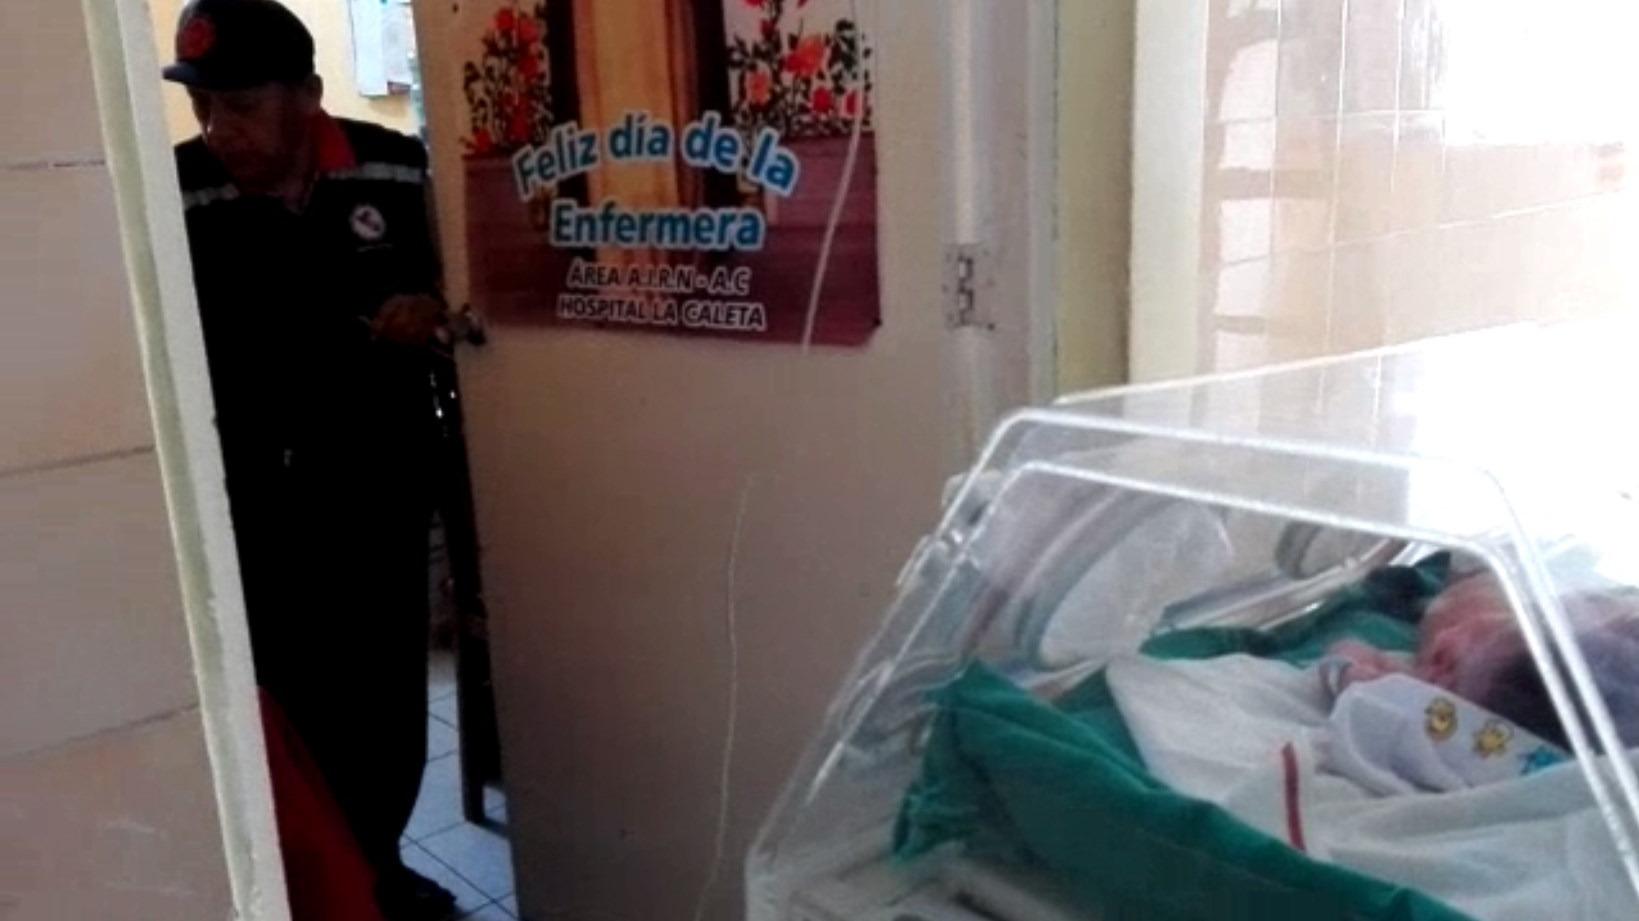 En las imágenes se observa que las incubadoras son puestas en el pasillo del hospital.